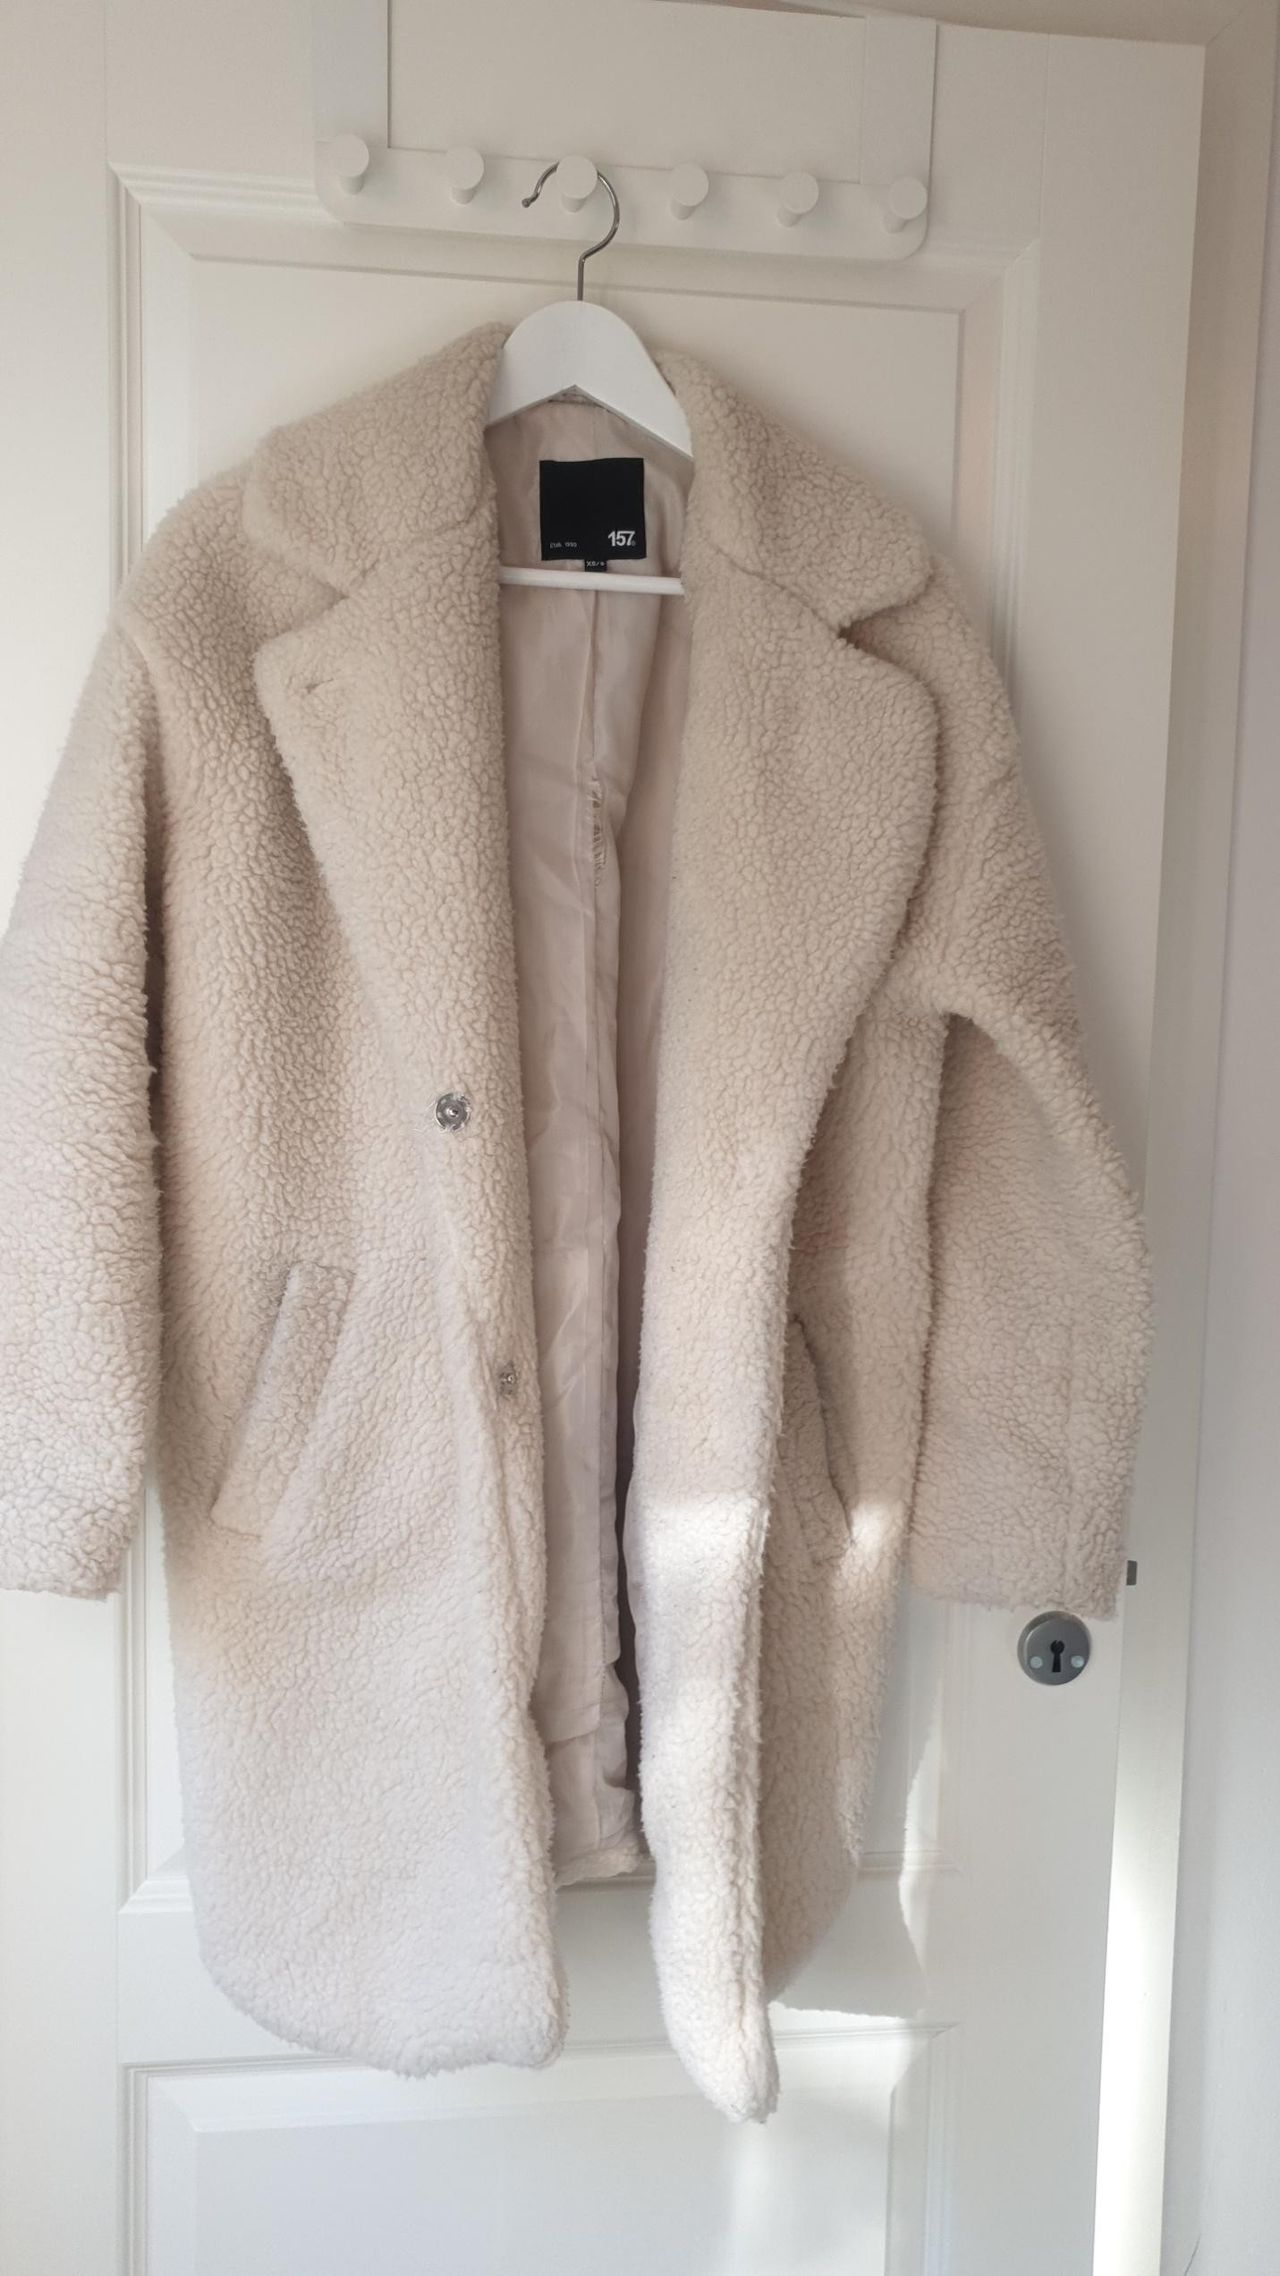 Teddy coat teddy jakke fra Gina Tricot. Kun brukt én gang